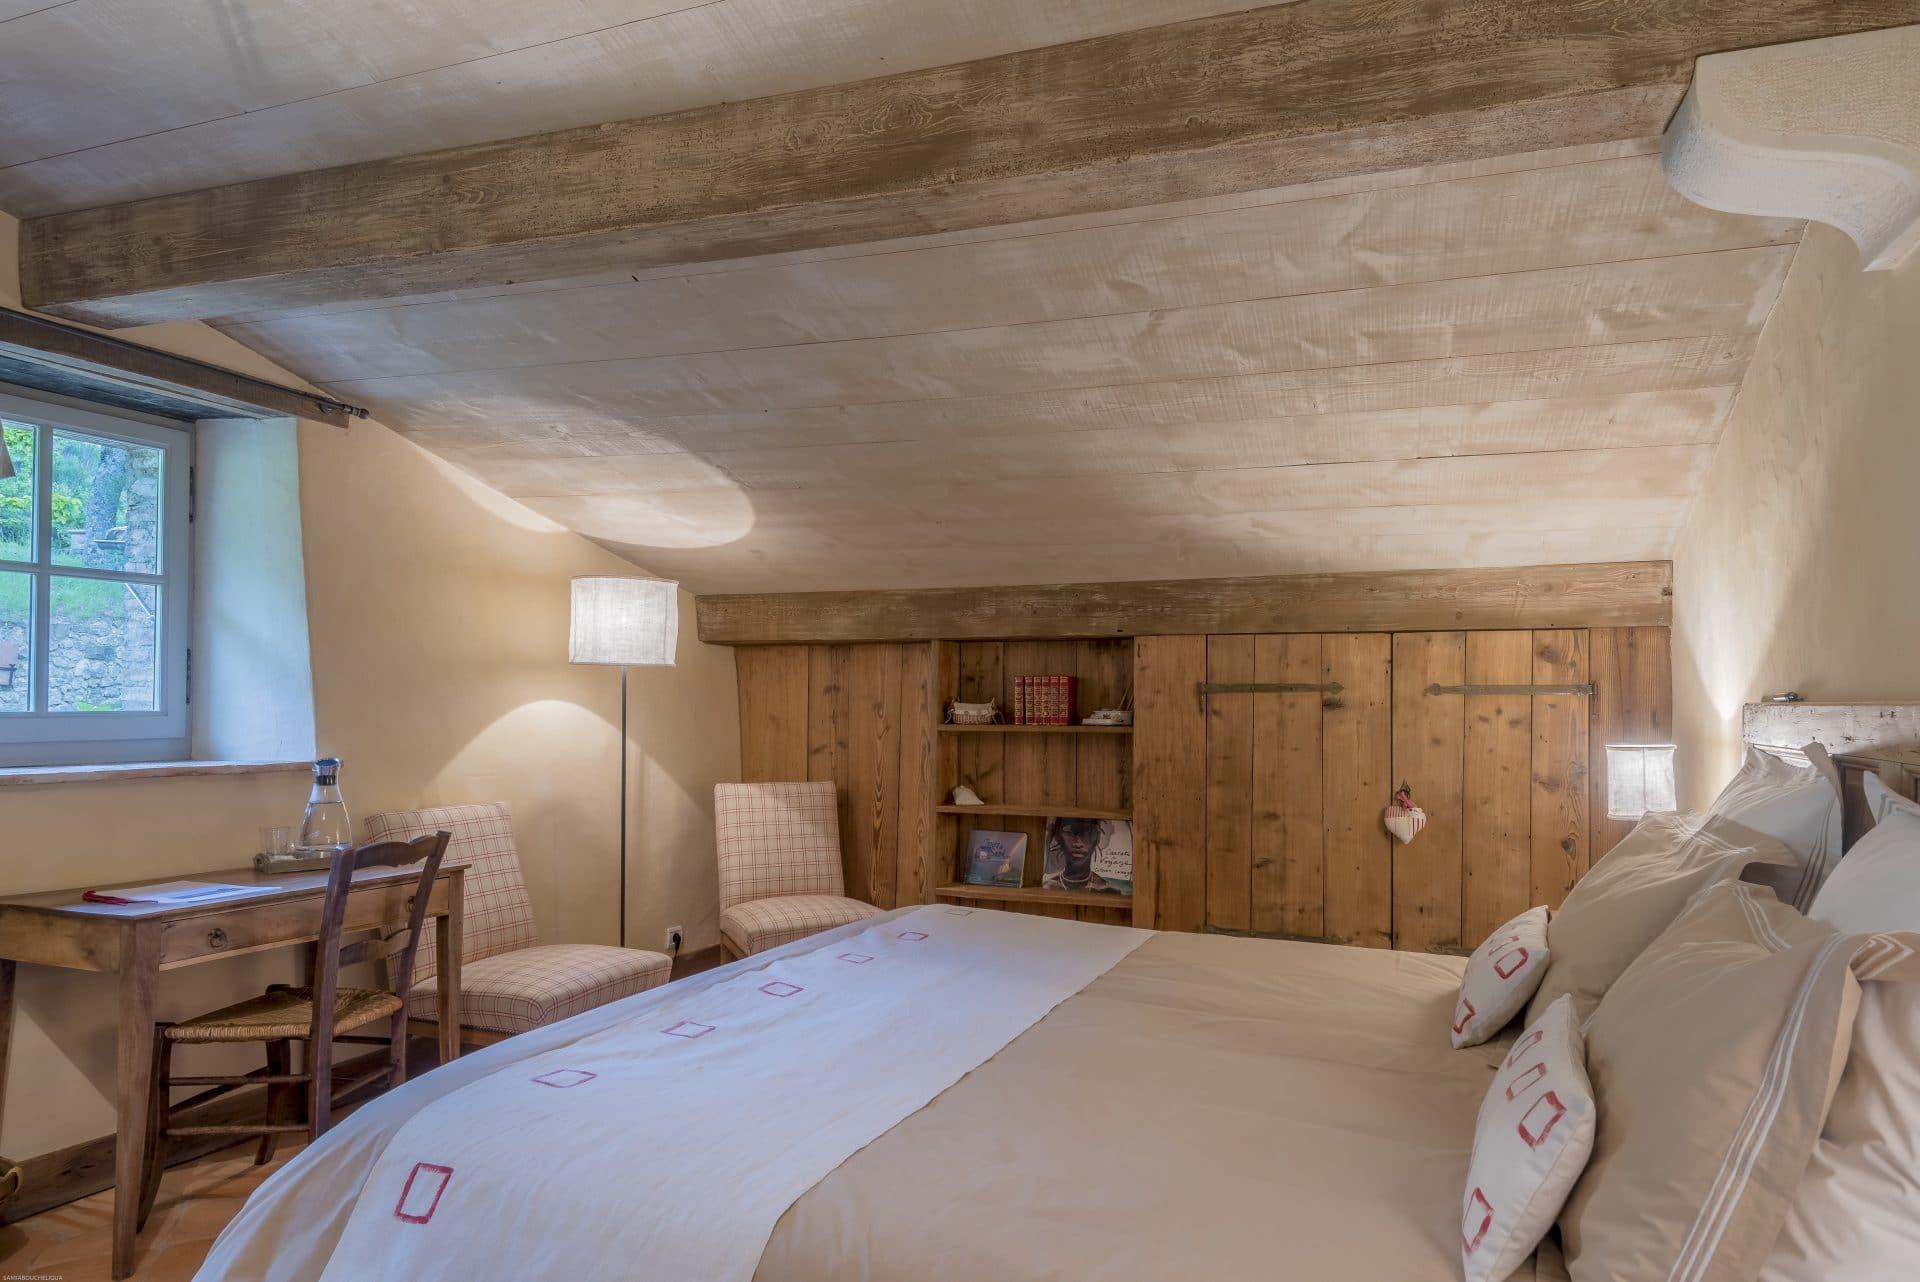 Chambre d'hôte drôme bnb Domaine du Roc La Feniere